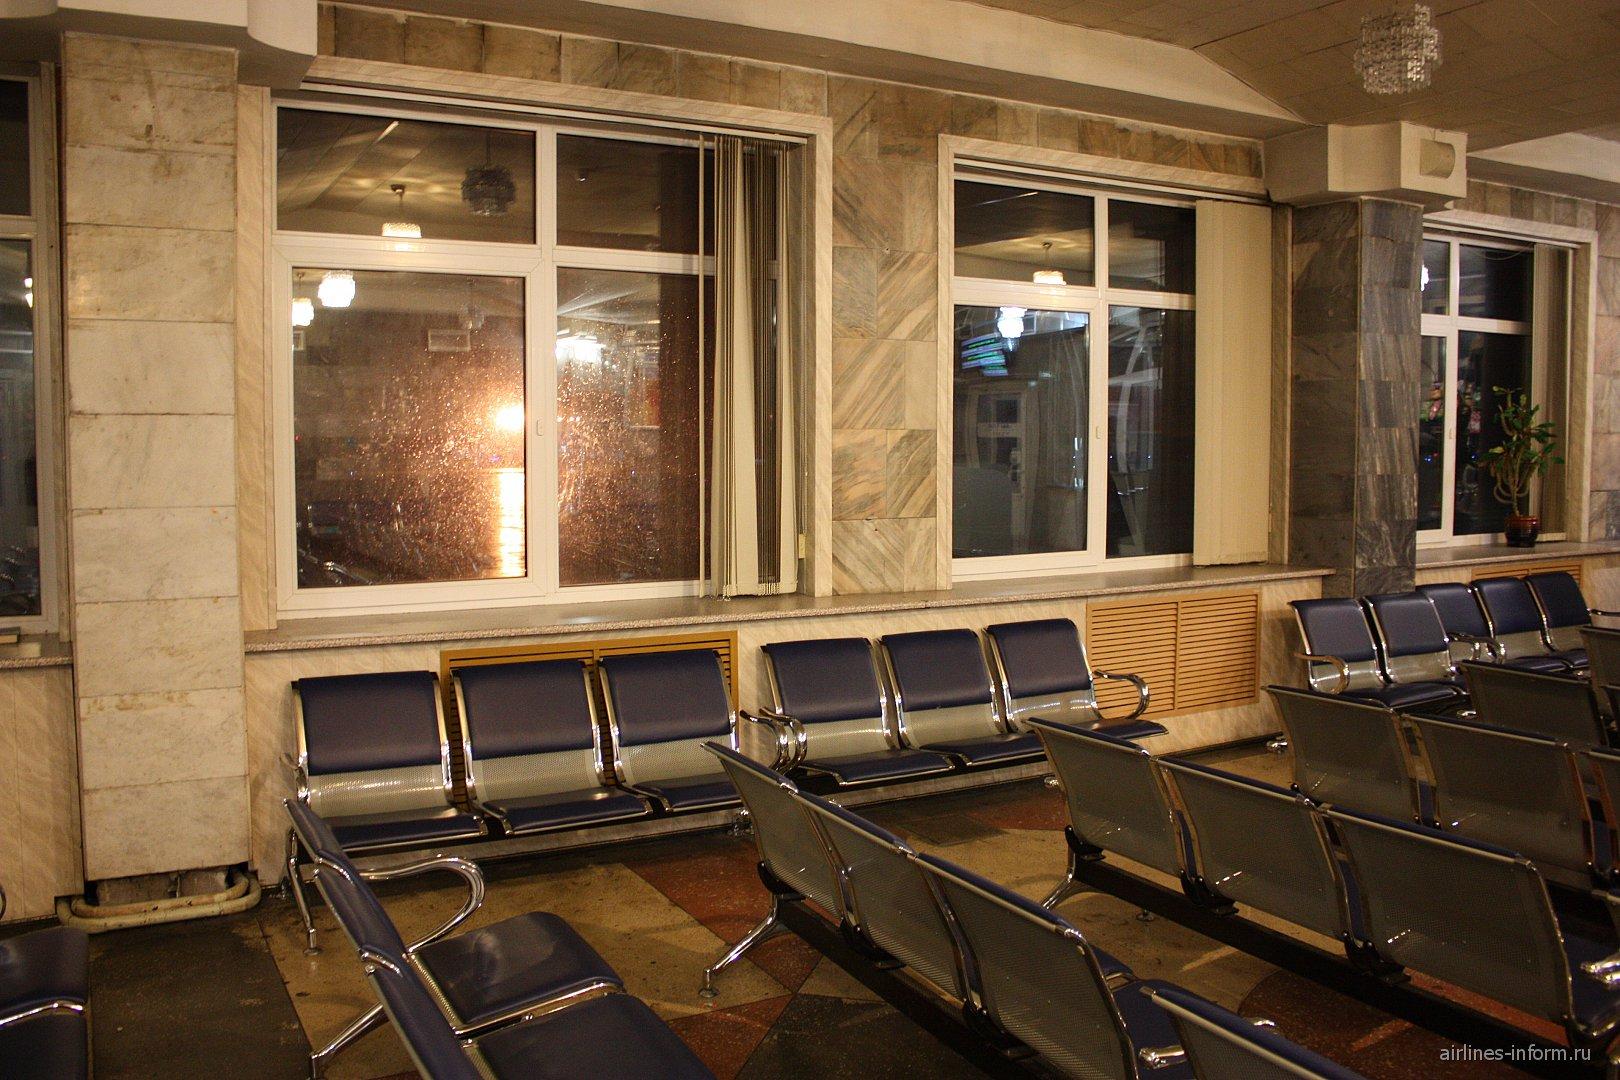 Зал ожидания в аэропорту Южно-Сахалинска